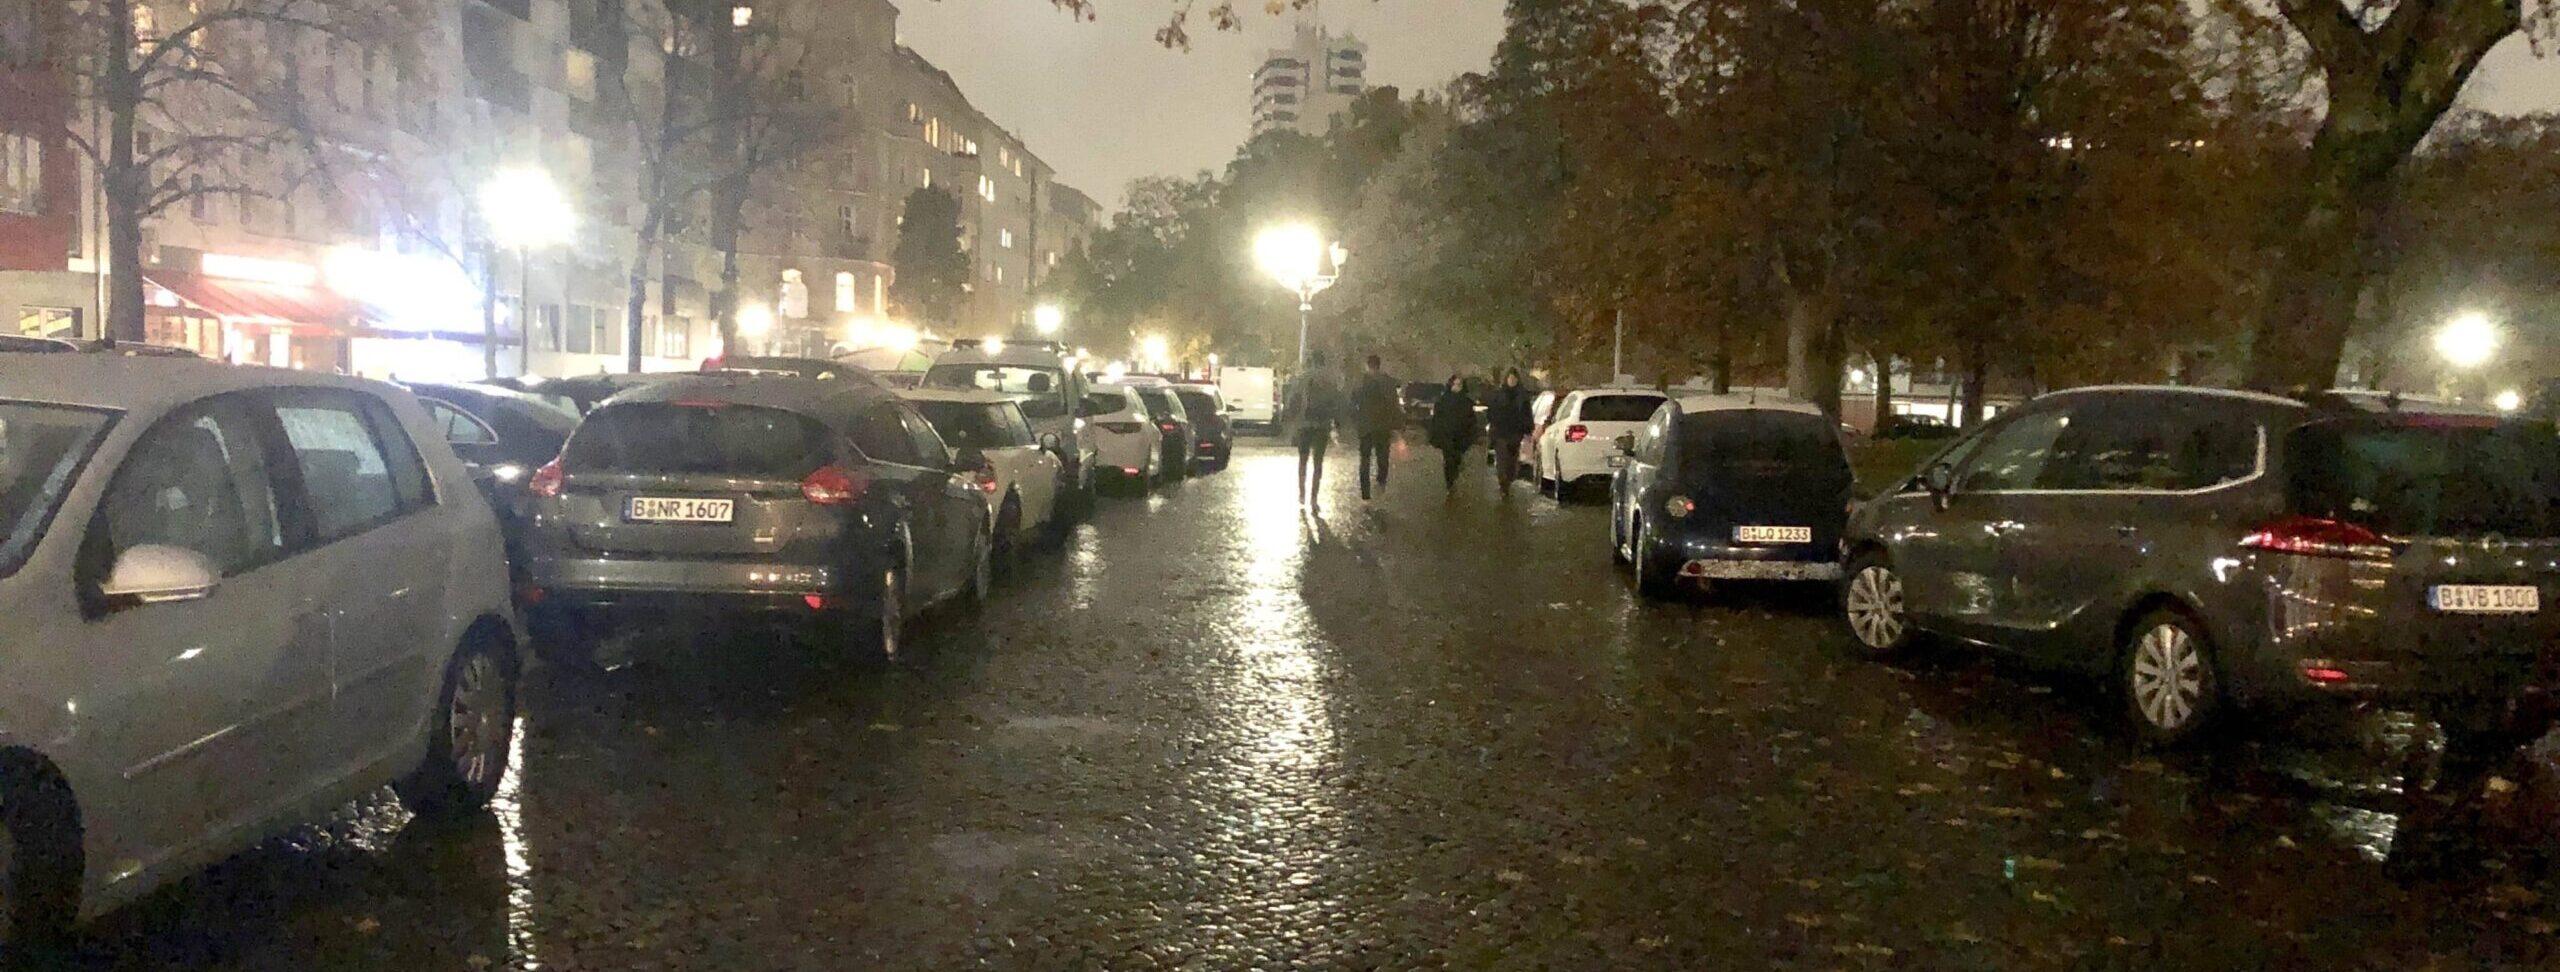 Karl-August-Platz vollgeparkt